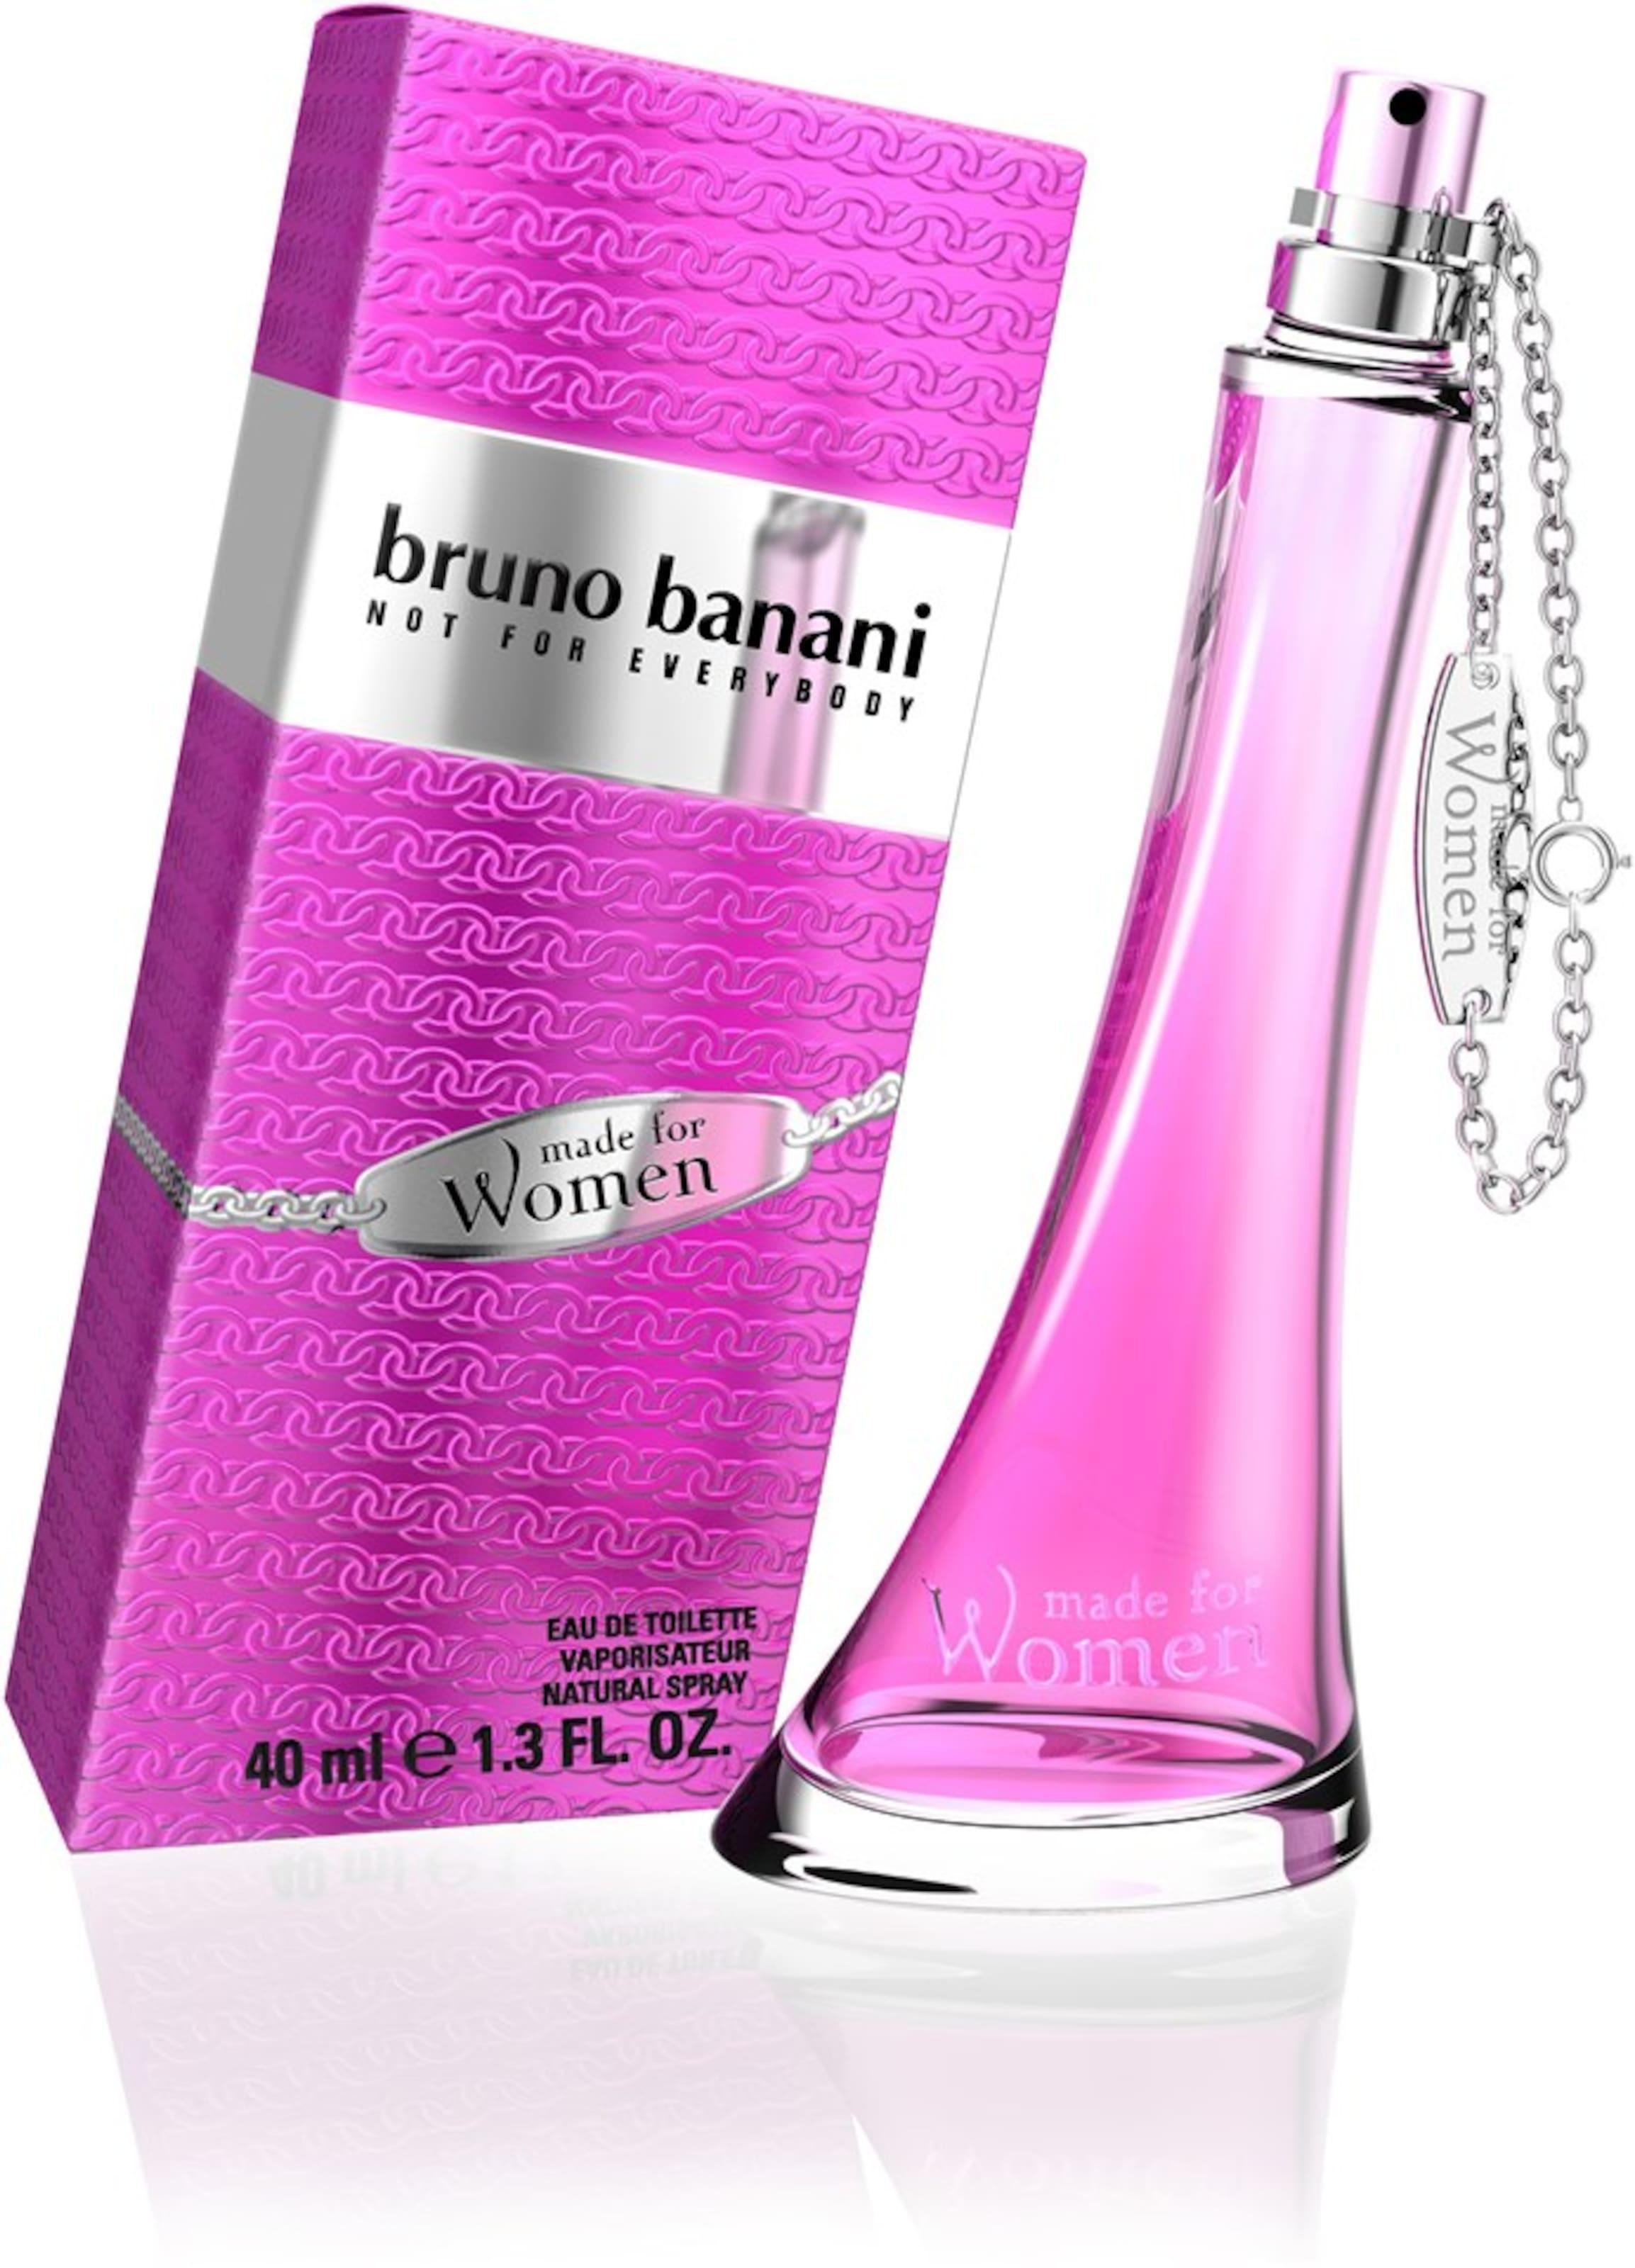 BRUNO BANANI 'Made for Women', Eau de Toilette